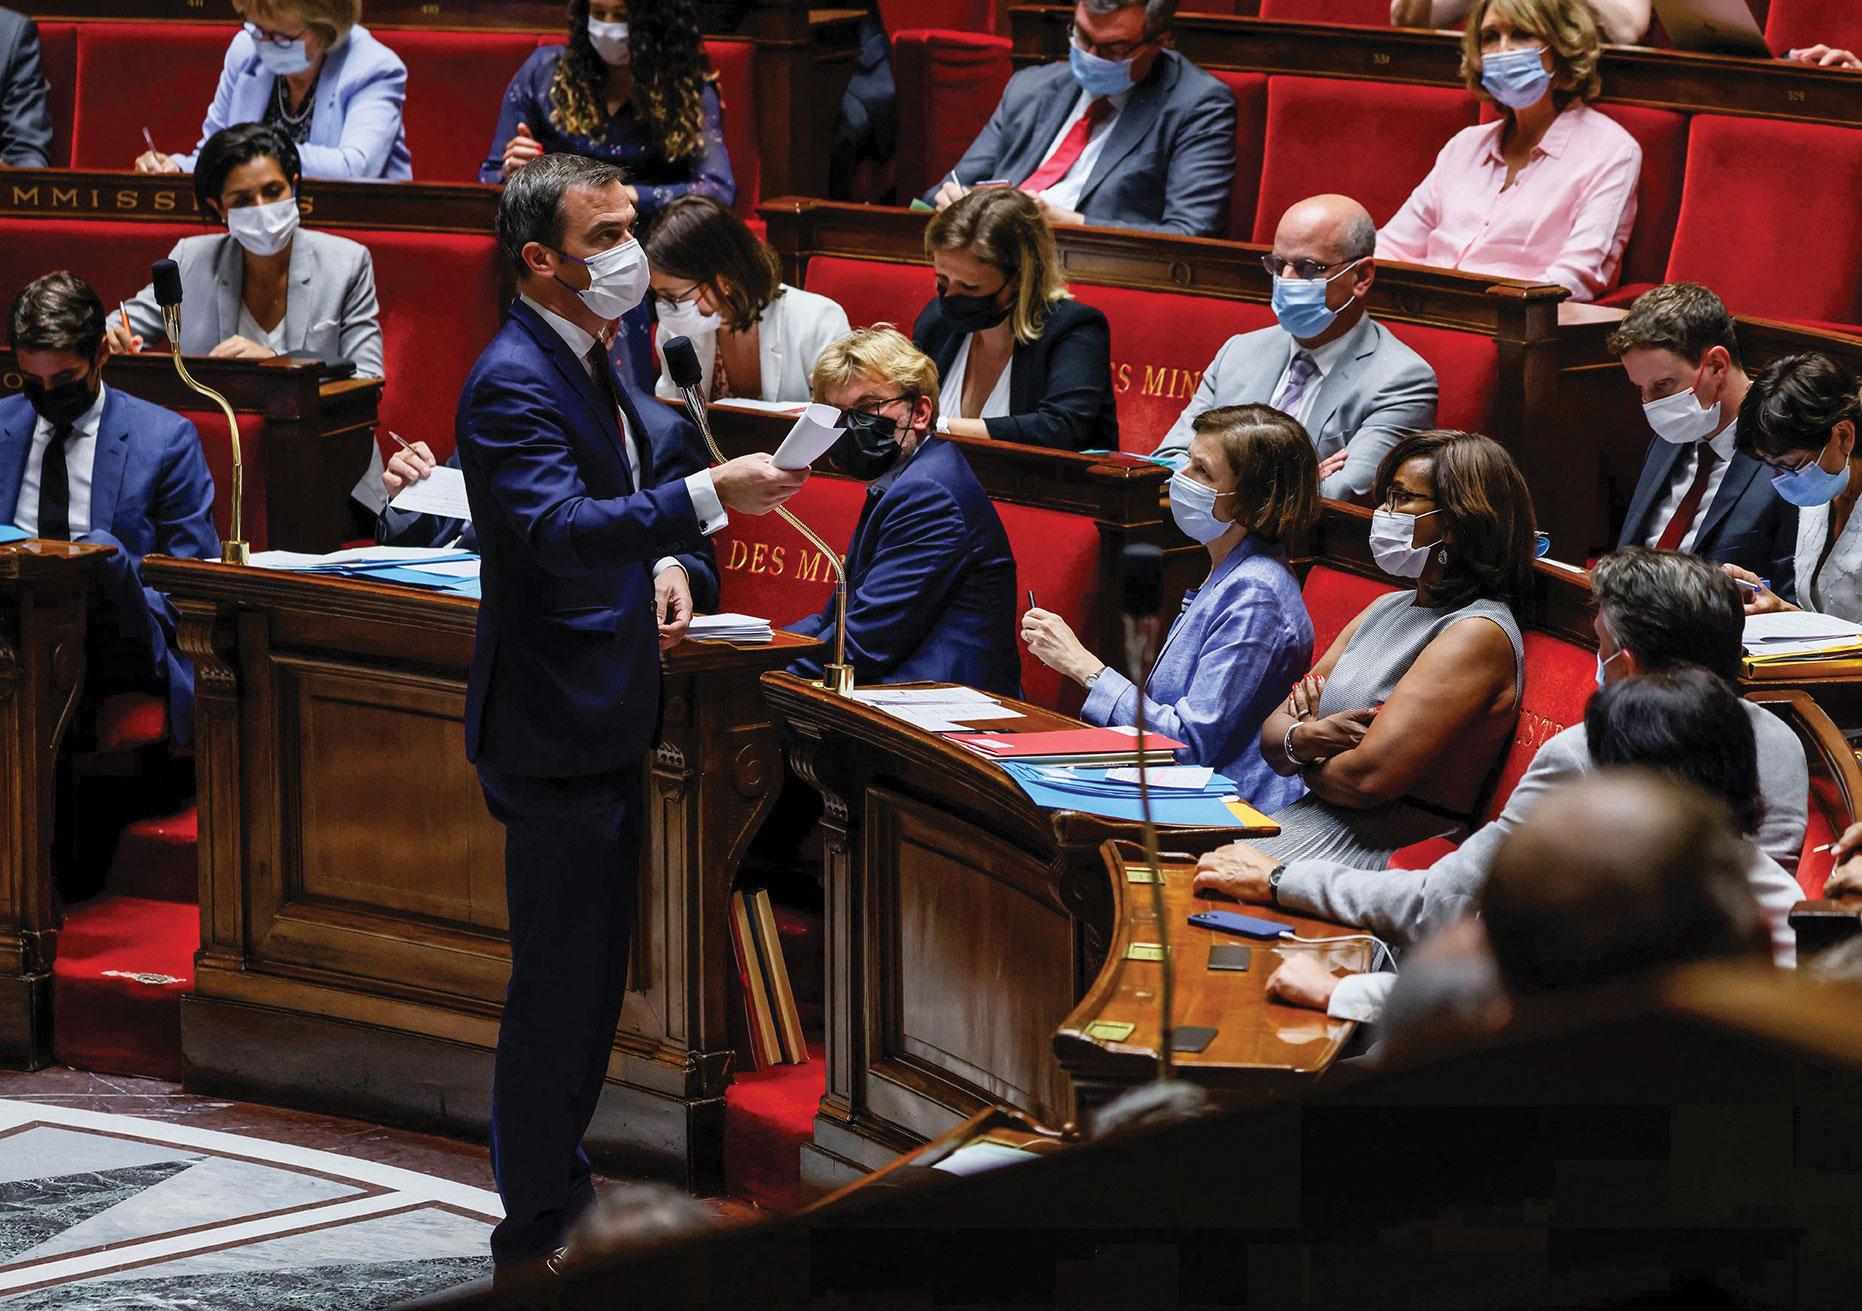 Vaccination, pass: bras de fer engagé au Parlement autour du projet de loi